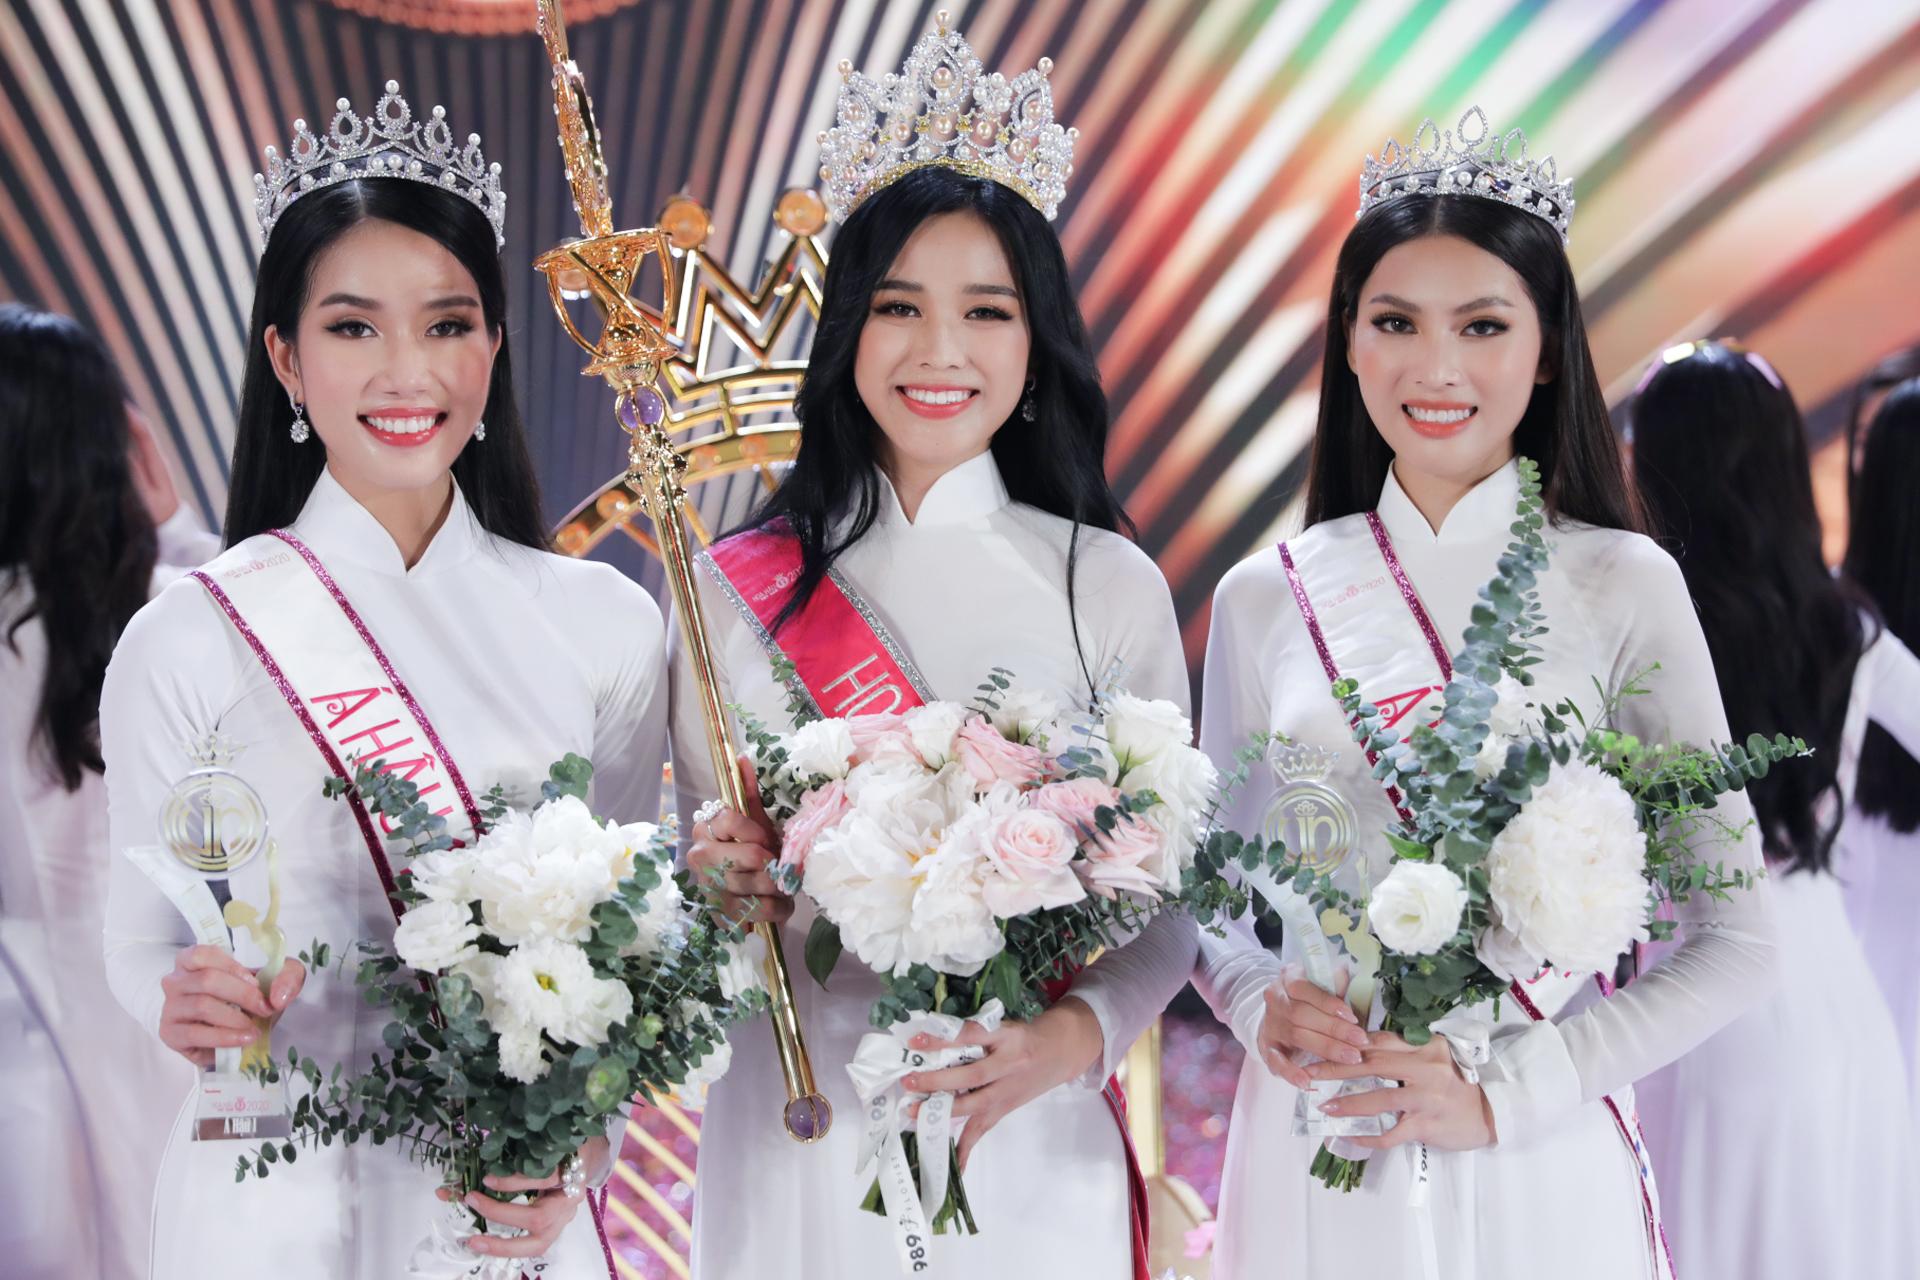 Bất ngờ trước chuyện Hoa hậu Đỗ Thị Hà tiết kiệm 2 triệu mỗi tháng để đi thi, gia đình chỉ ủng hộ về tinh thần 0